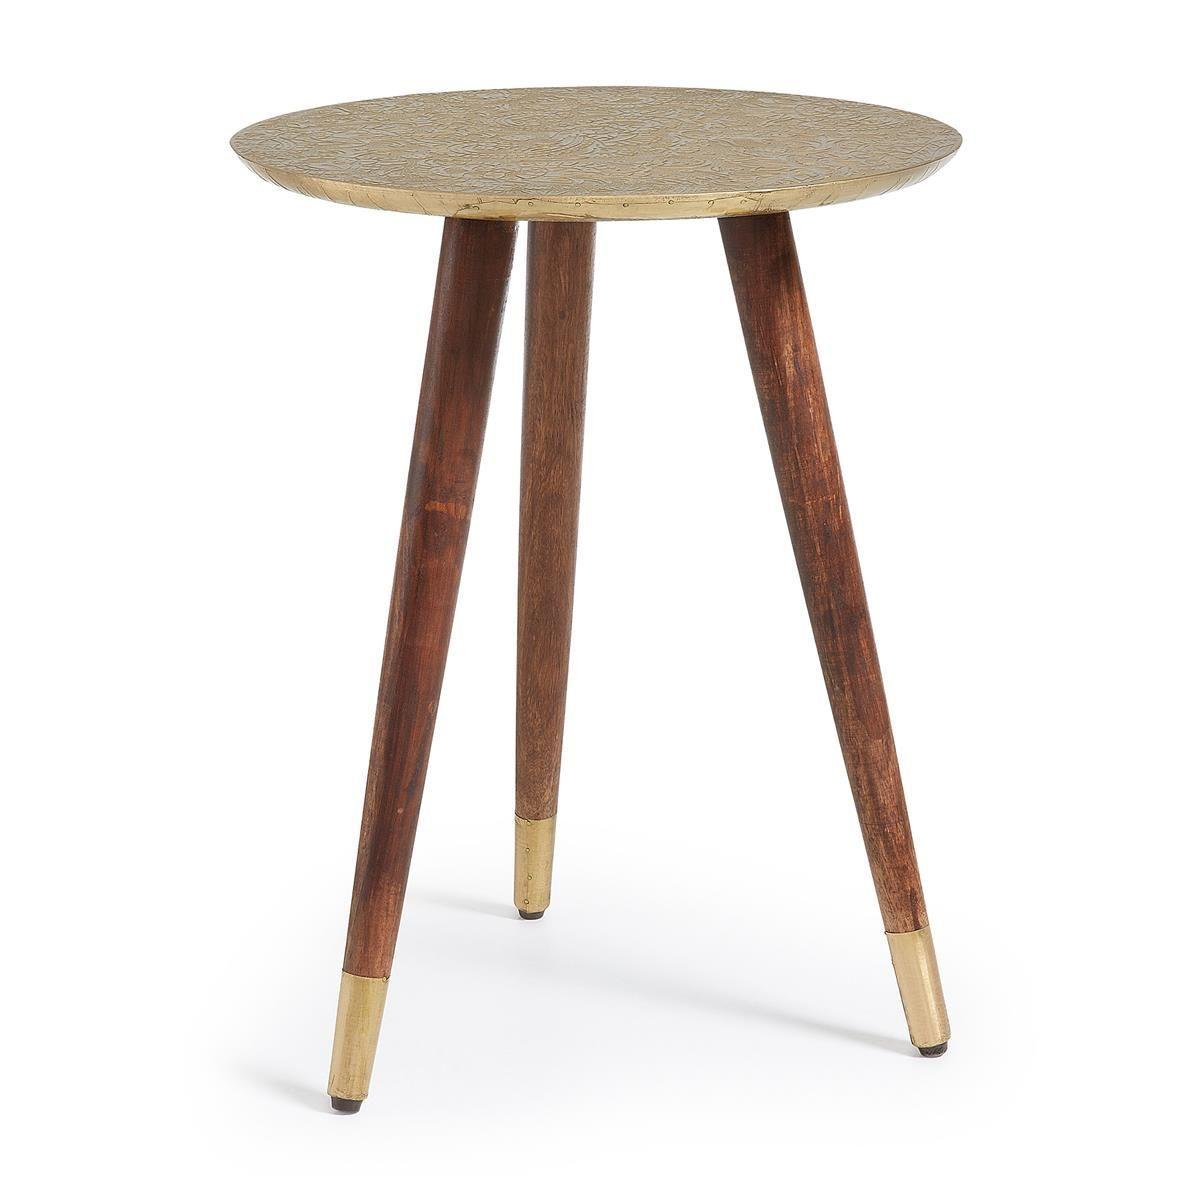 Stolik Szklany Olx Bialy Stolik Kawowy Agata Meble Lawy Stoliki Kawowe Maly Stolik Do Kawy Stoliki Kawowe Szklane Allegro Side Table Table Furniture